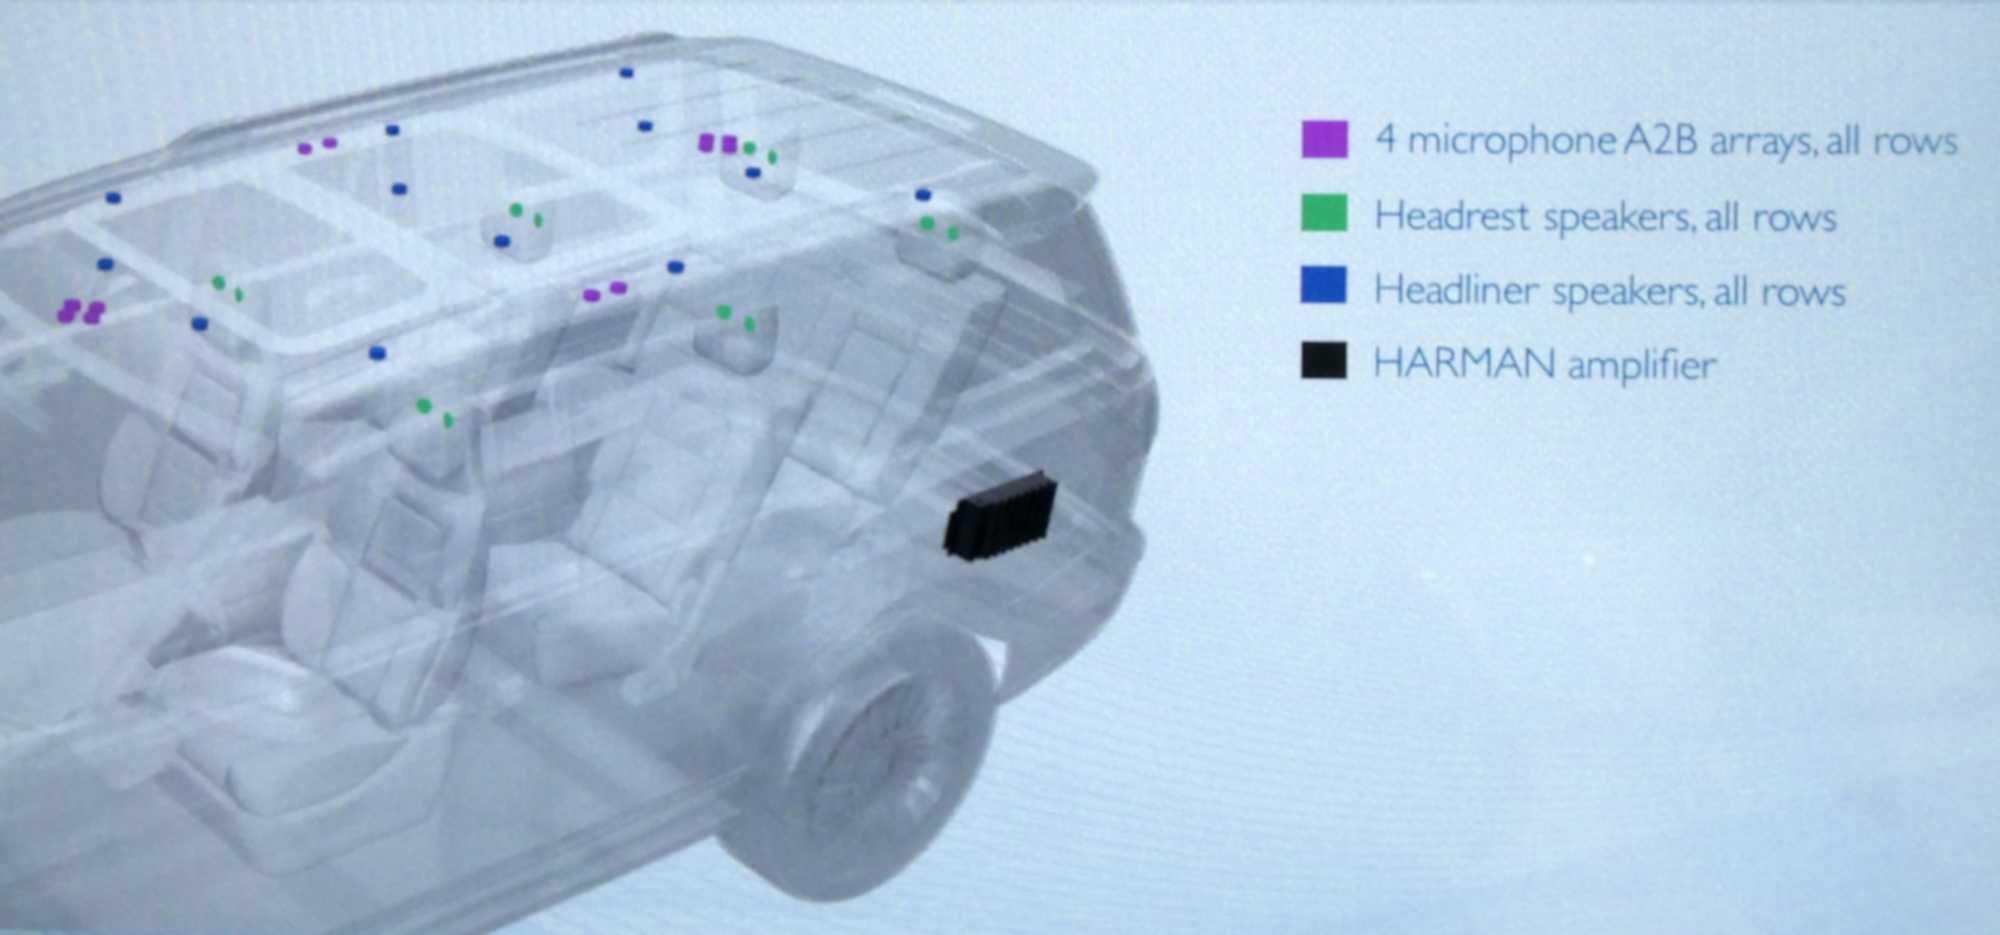 Das Schaubild zeigt das System in maximaler Ausführung. Es ließe sich mit weniger Mikrofonen und Lautsprechern auch in kleineren Fahrzeugen integrieren.